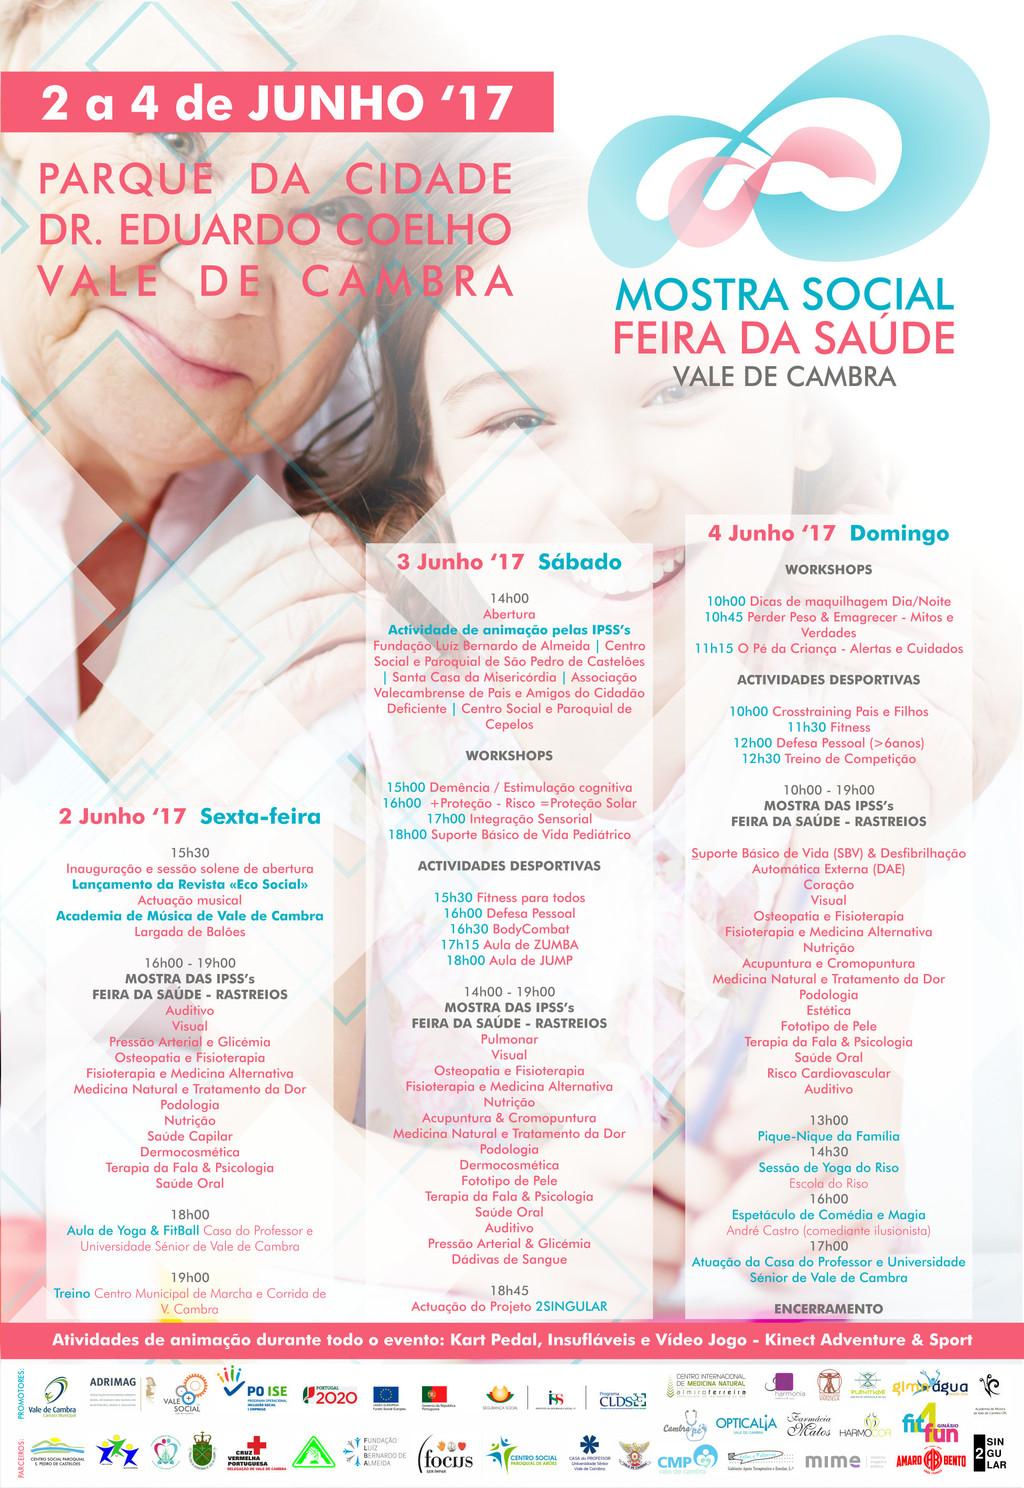 Mostra Social e Feira da Saúde começam amanhã